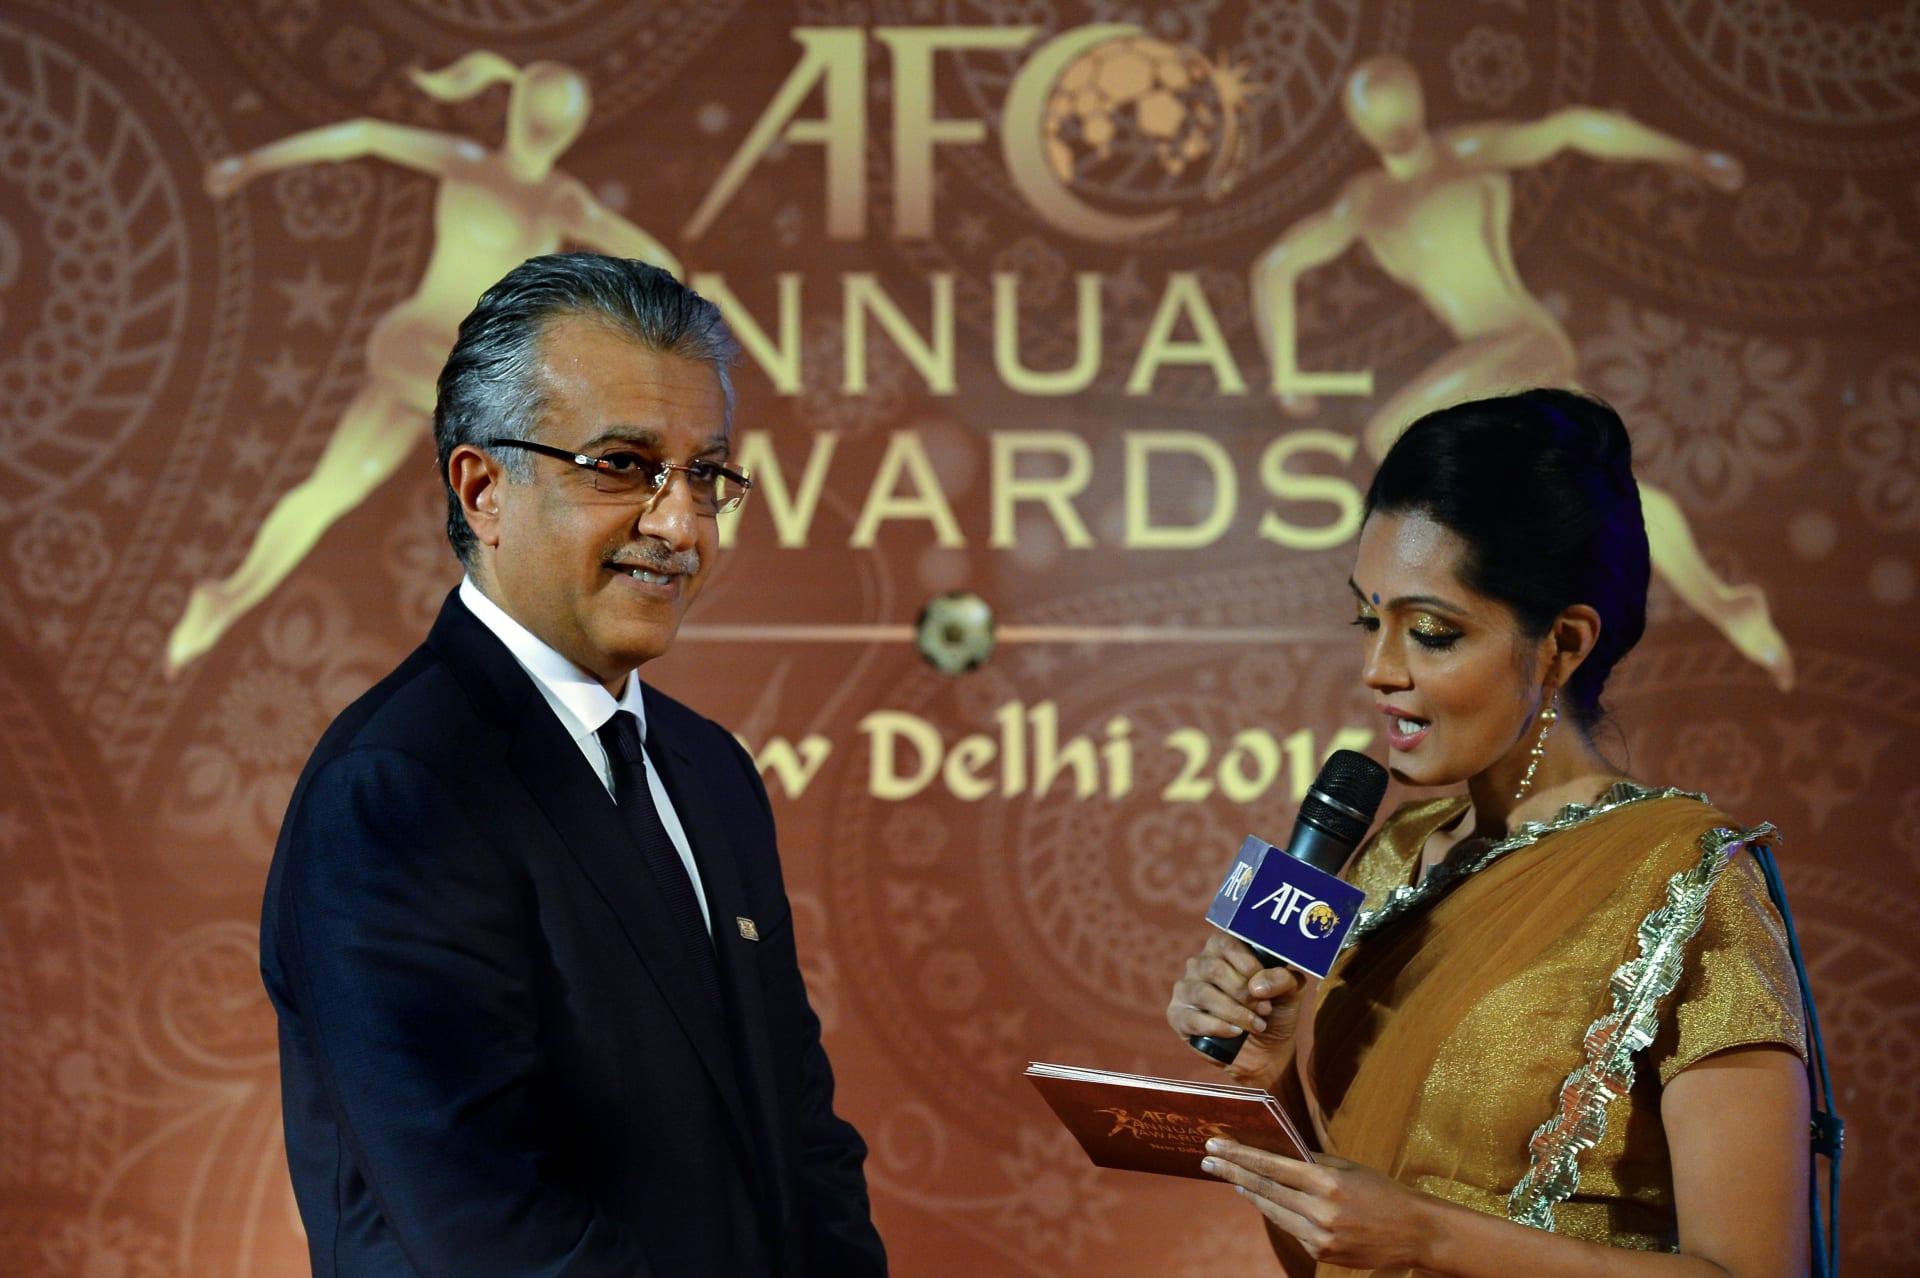 أبوظبي تستضيف حفل توزيع جوائز الاتحاد الآسيوي لعام ٢٠١٦